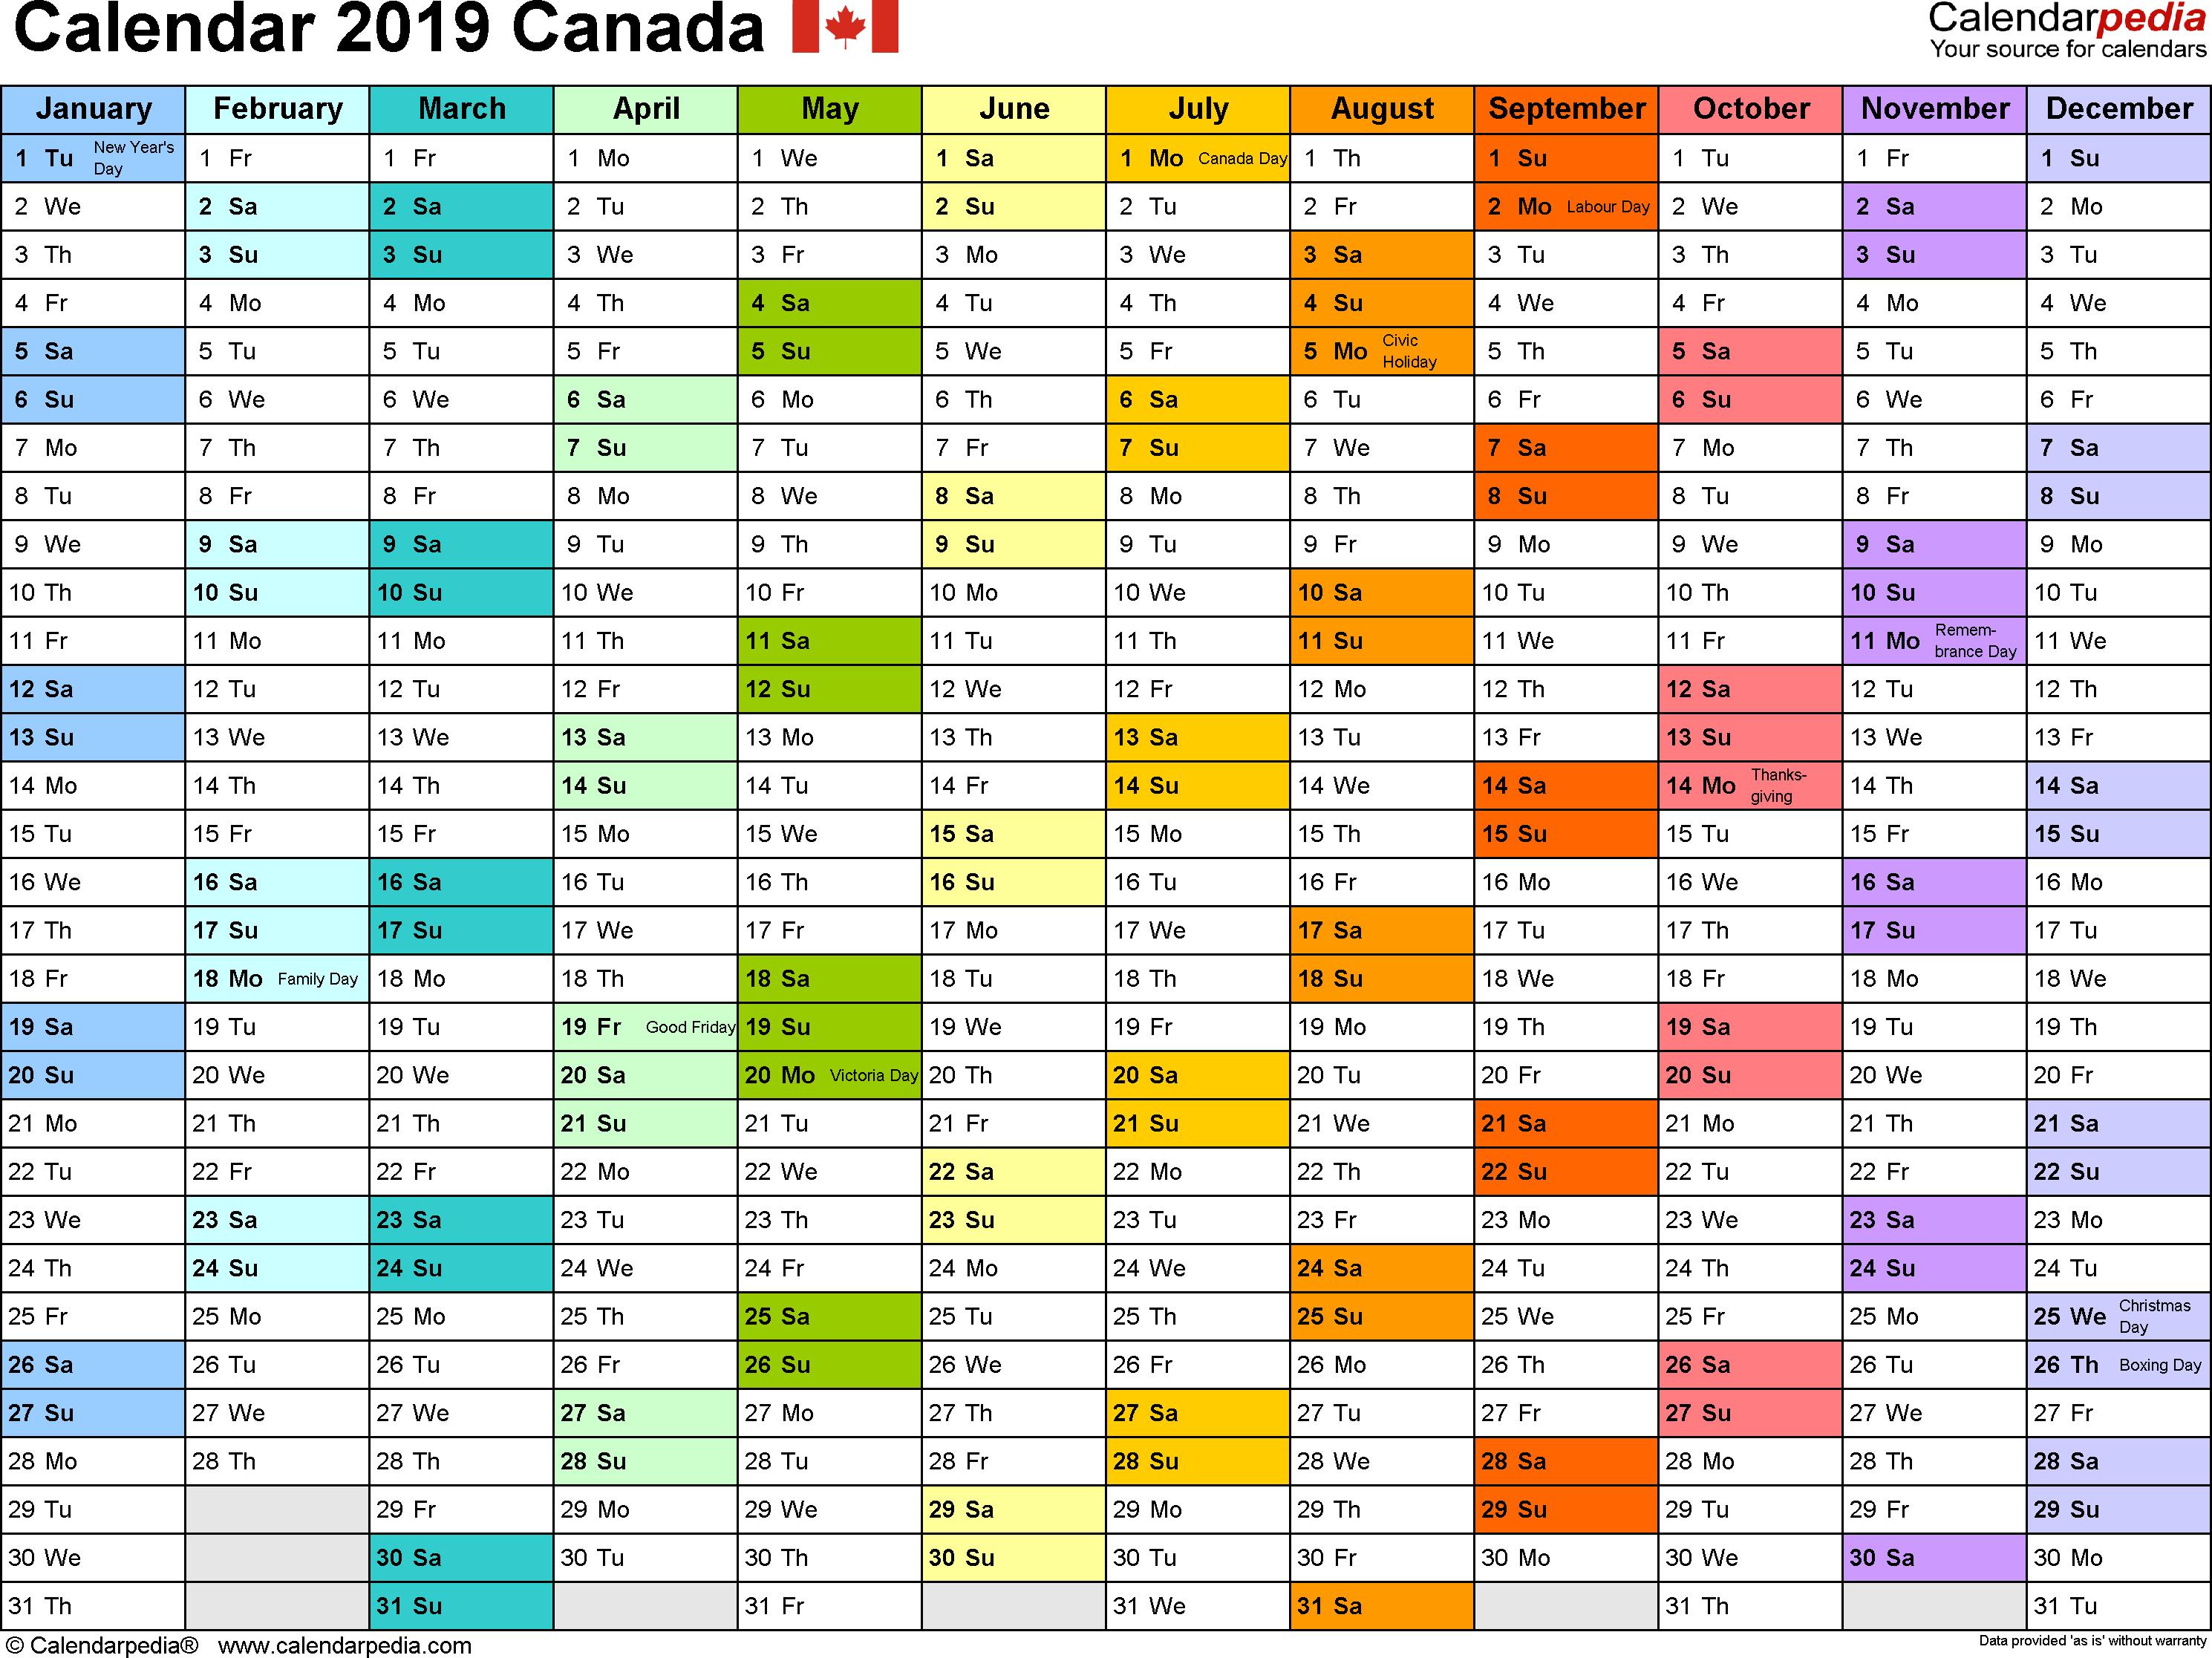 2019 Calendar Canada Printable Template